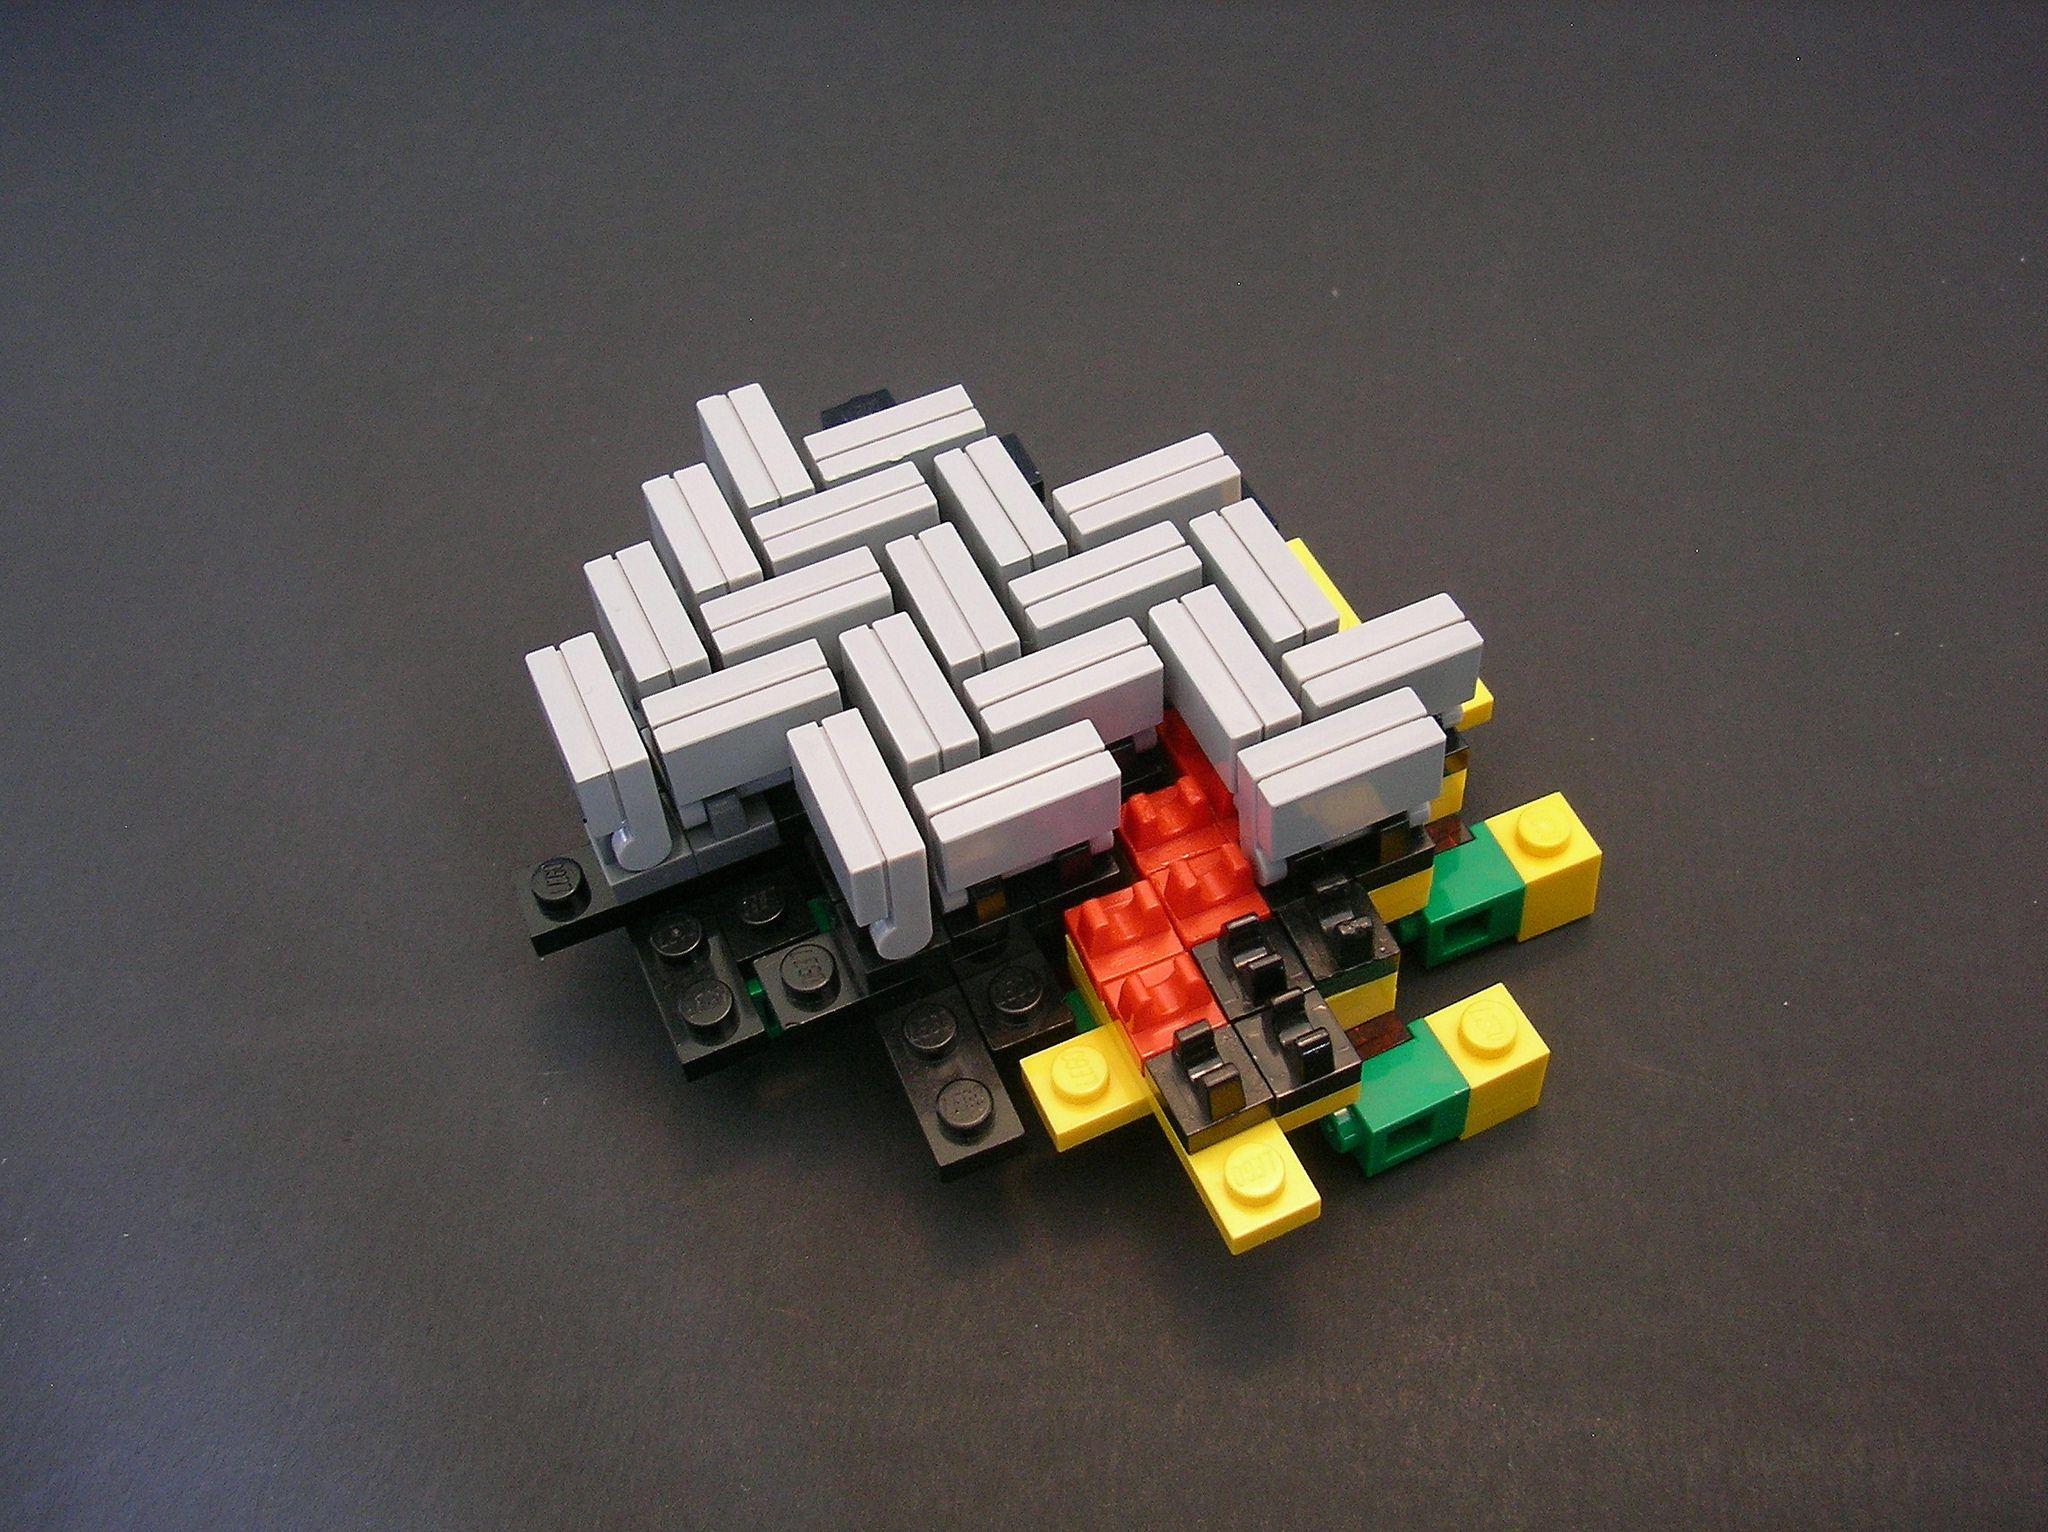 Technique week day lego archi lego lego